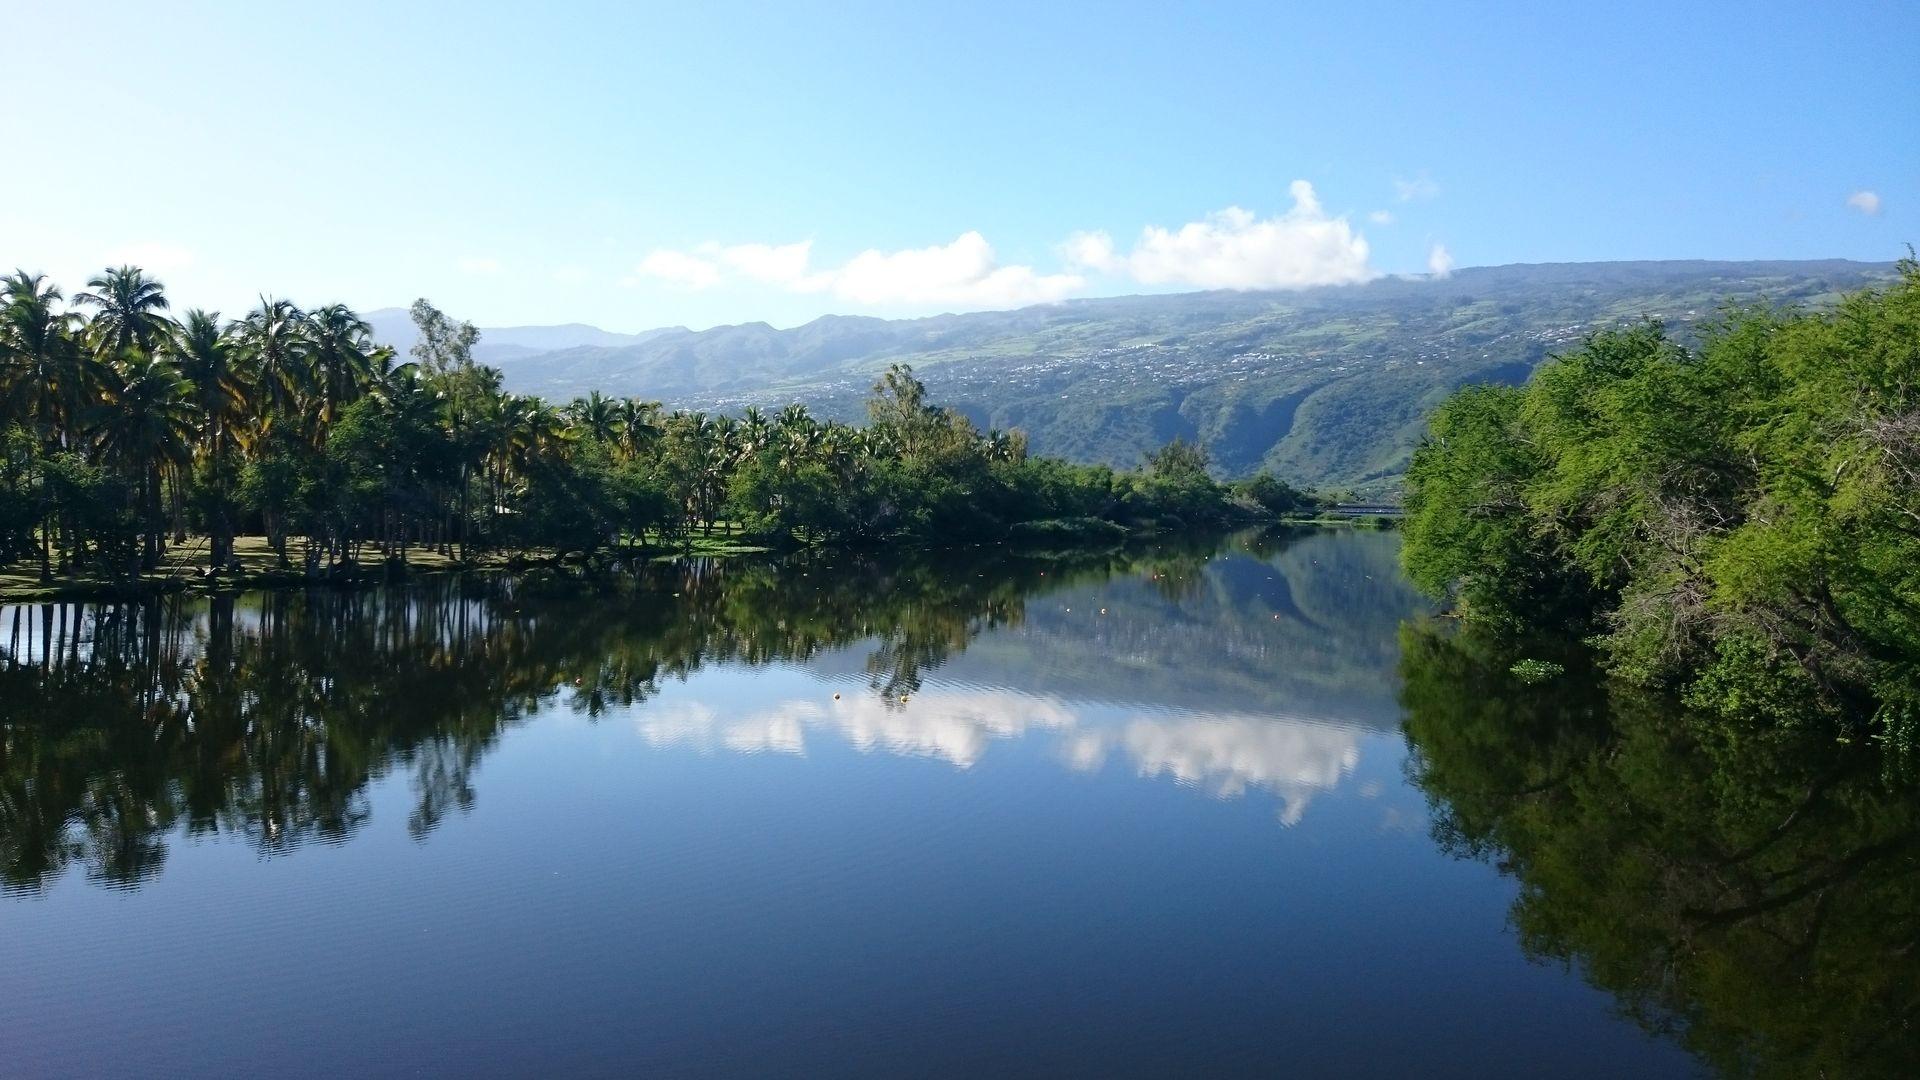 VISITE LIBRE EN KAYAK SUR L'AVAL DE L'ETANGSaint-Paul, agenda, les randonnées et les visites guidées, Office de Tourisme, Ouest, La Réunion, Ile de La Réunion, 974